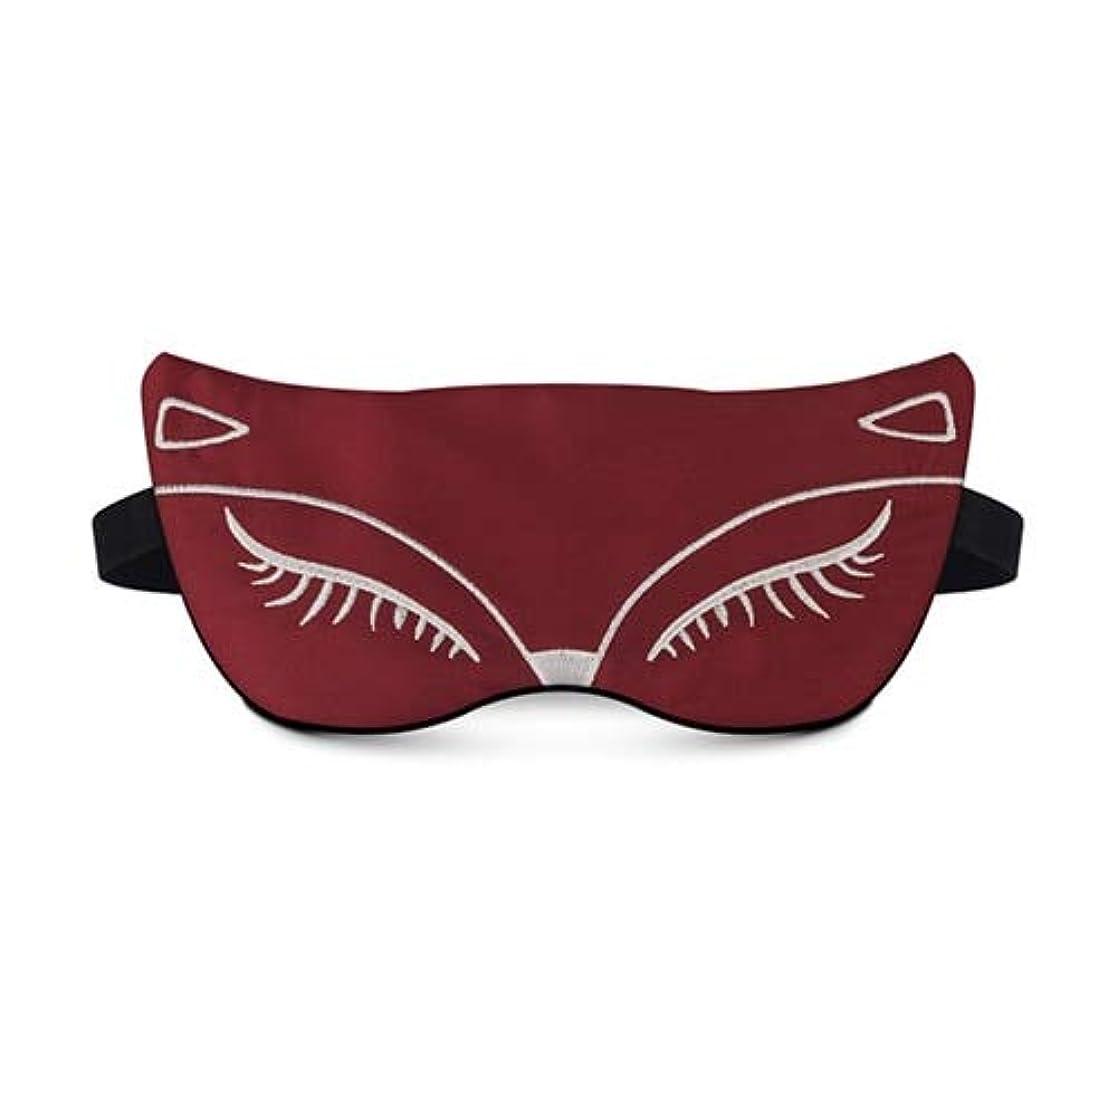 フィットネス一人で頼るNOTE Protableソフトスリックスリーピングマスクアイパッチアイマスクかわいいリトルフォックス刺繍ライトシェーディングクリエイティブ旅行リラックス睡眠補助